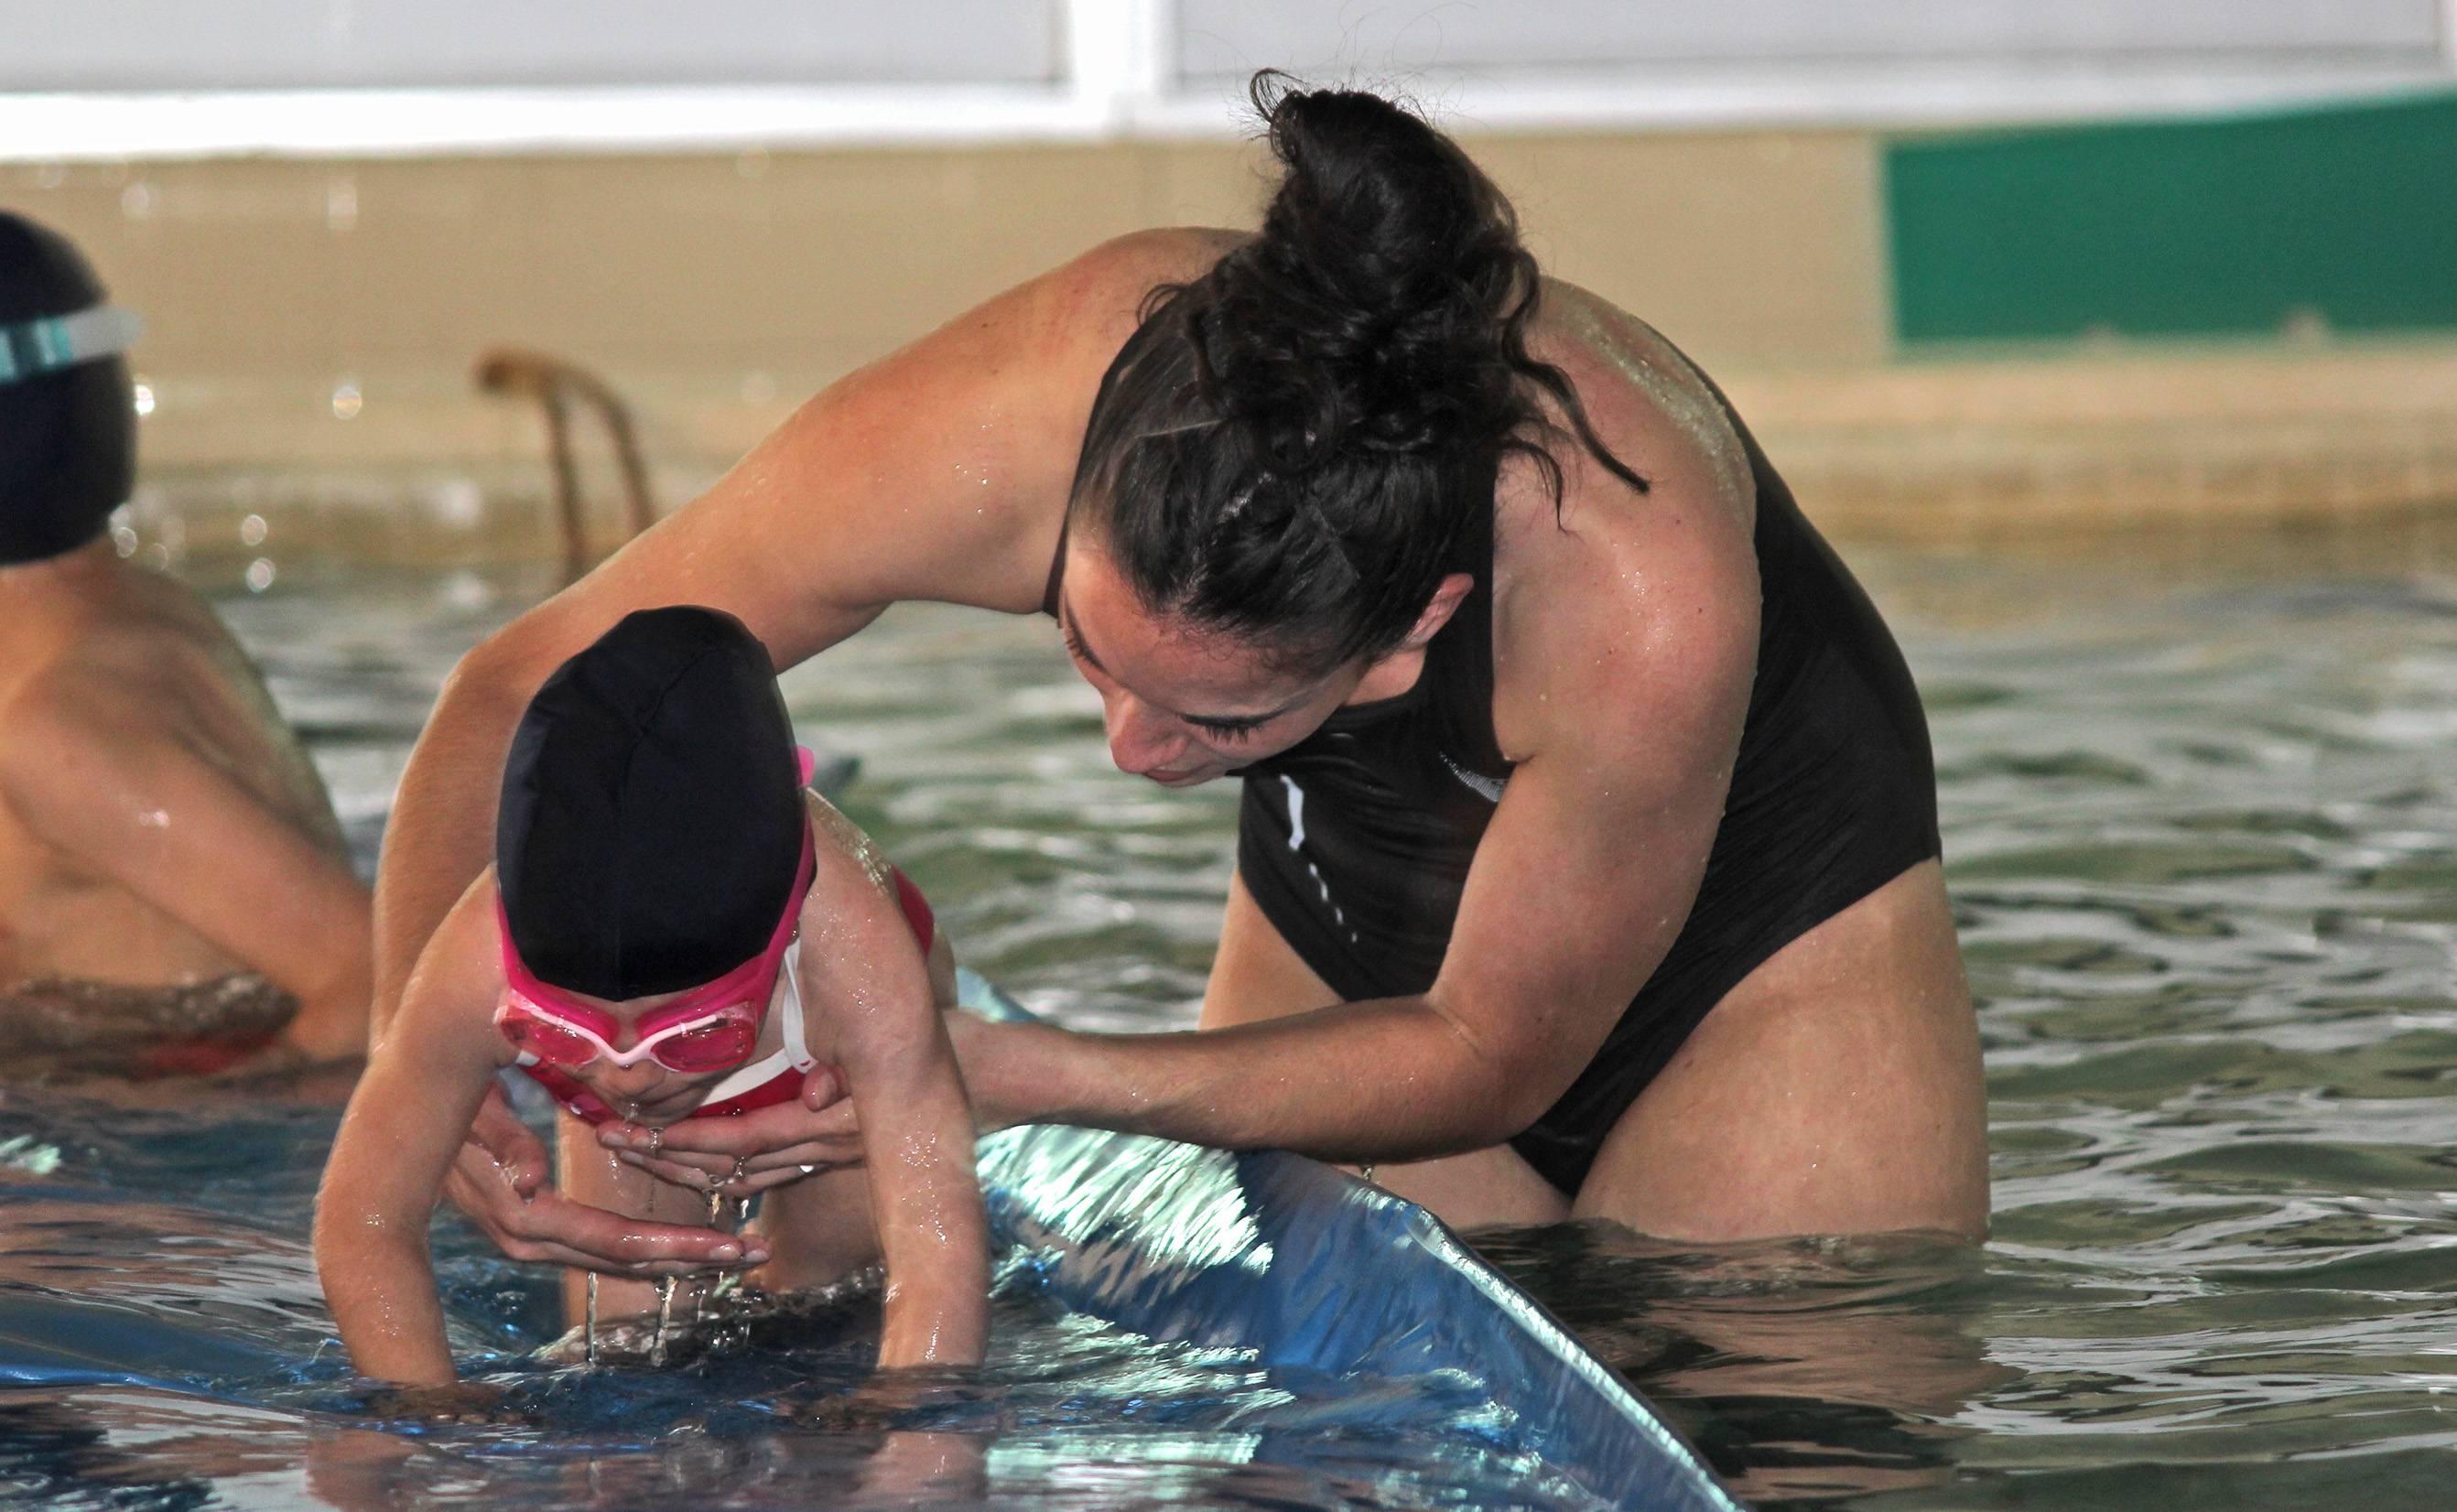 curso de natacion aplicada a personas con discapacidad